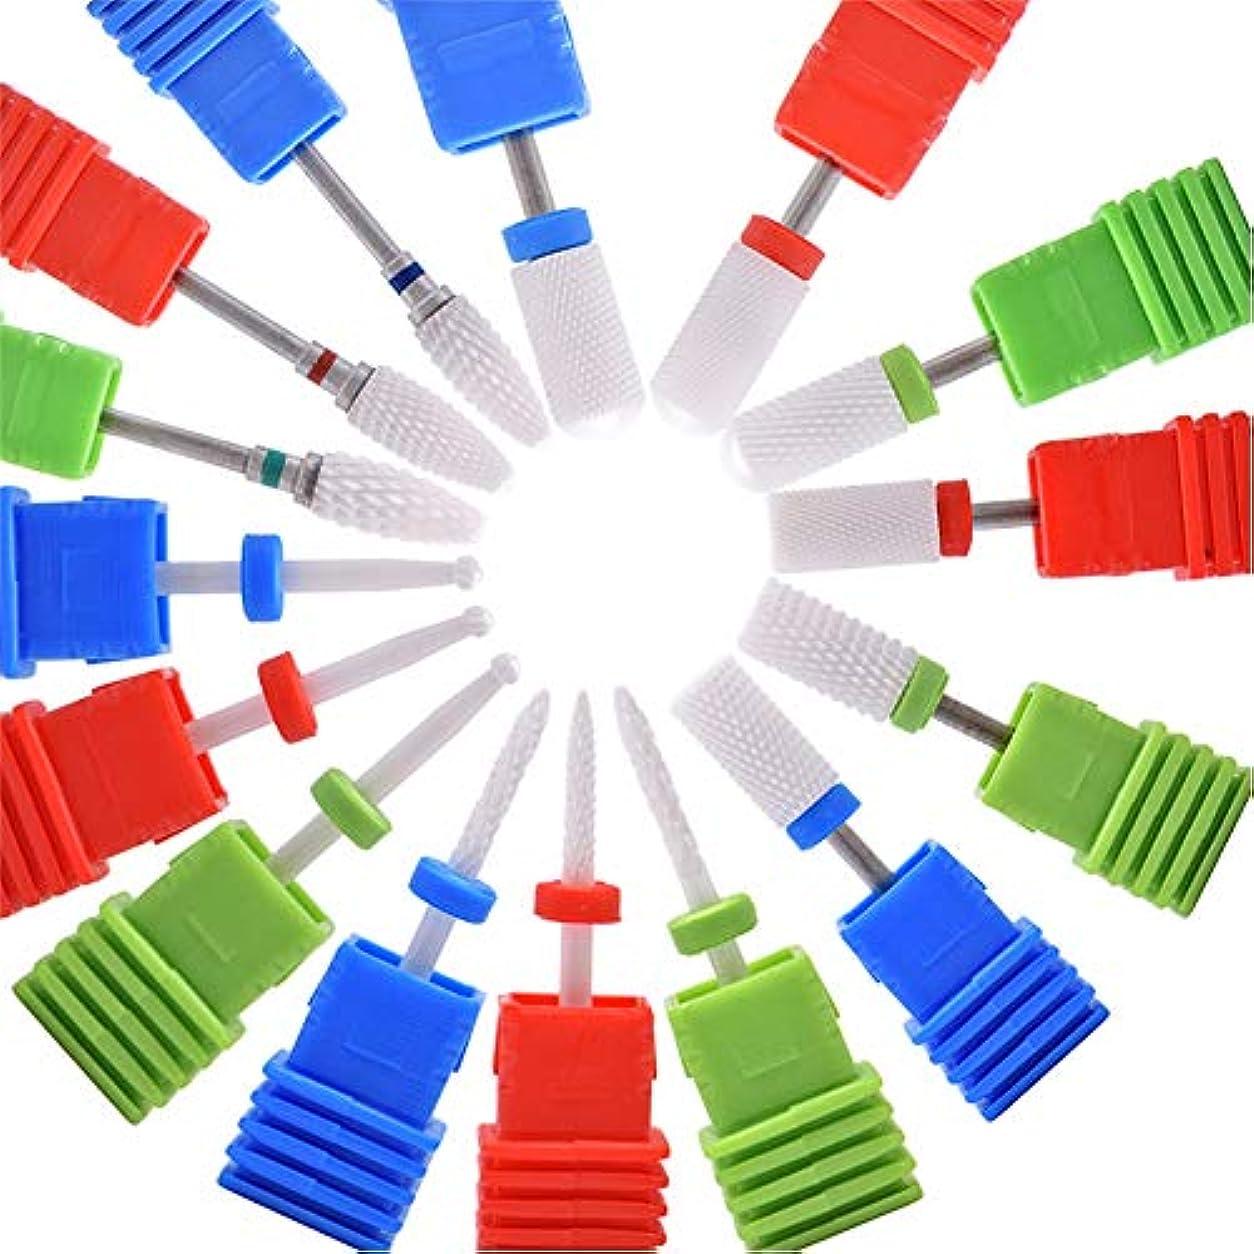 魅惑的なパラシュート有益Oral Dentistry ネイルアート ドリルビット 研削ヘッド 研磨ヘッド ネイル グラインド ヘッド 爪 磨き 研磨 研削 セラミック 全3色 15種類